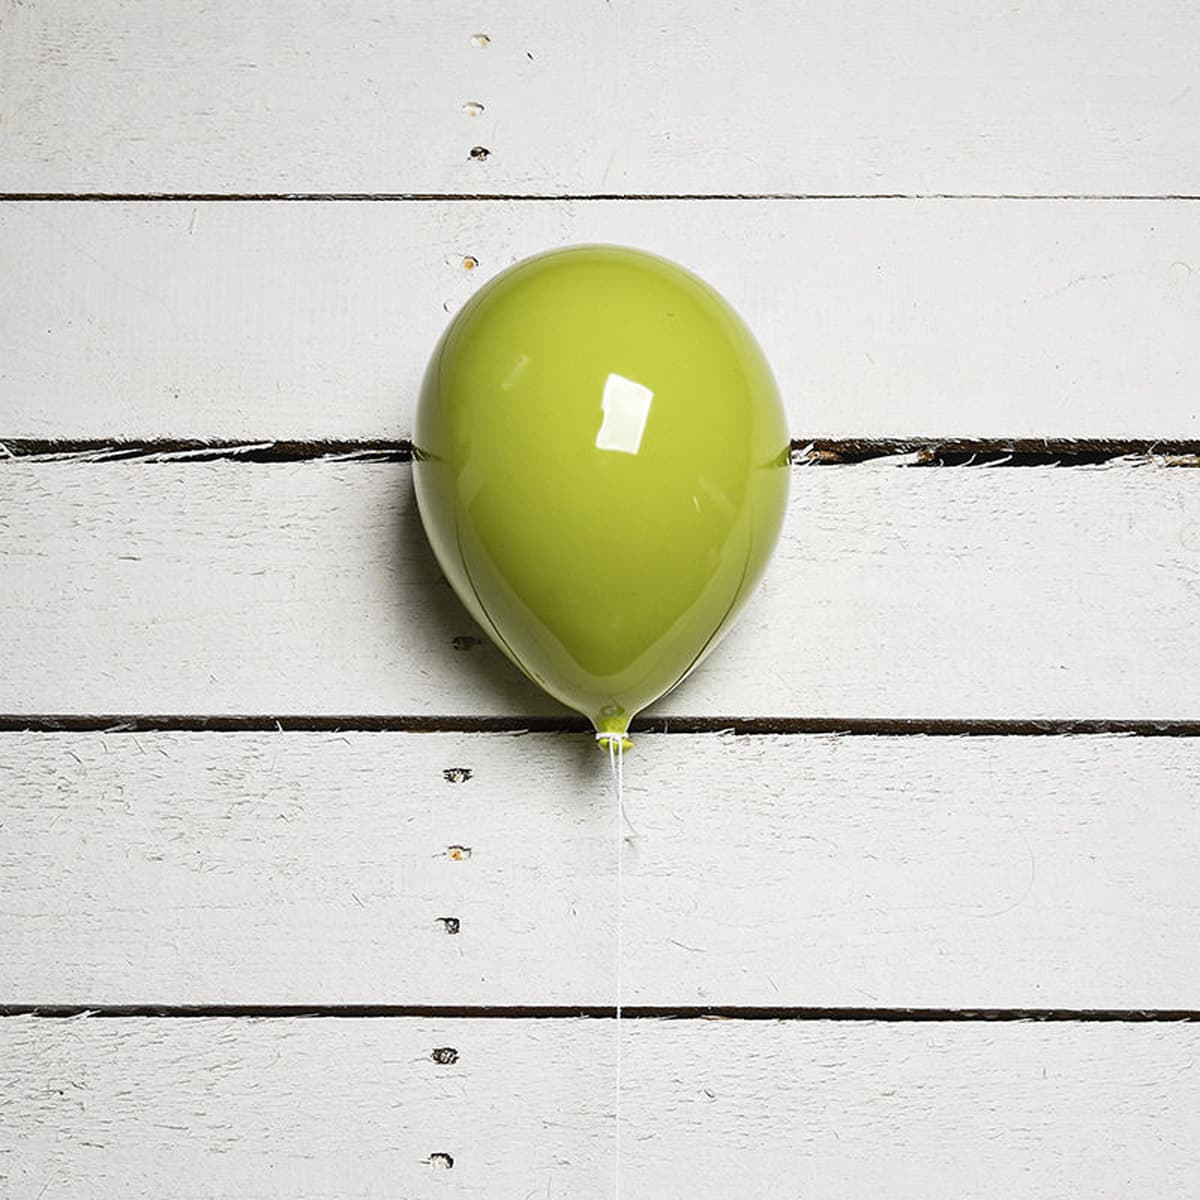 Palloncino decorativo in ceramica Balloon verde su parete in legno